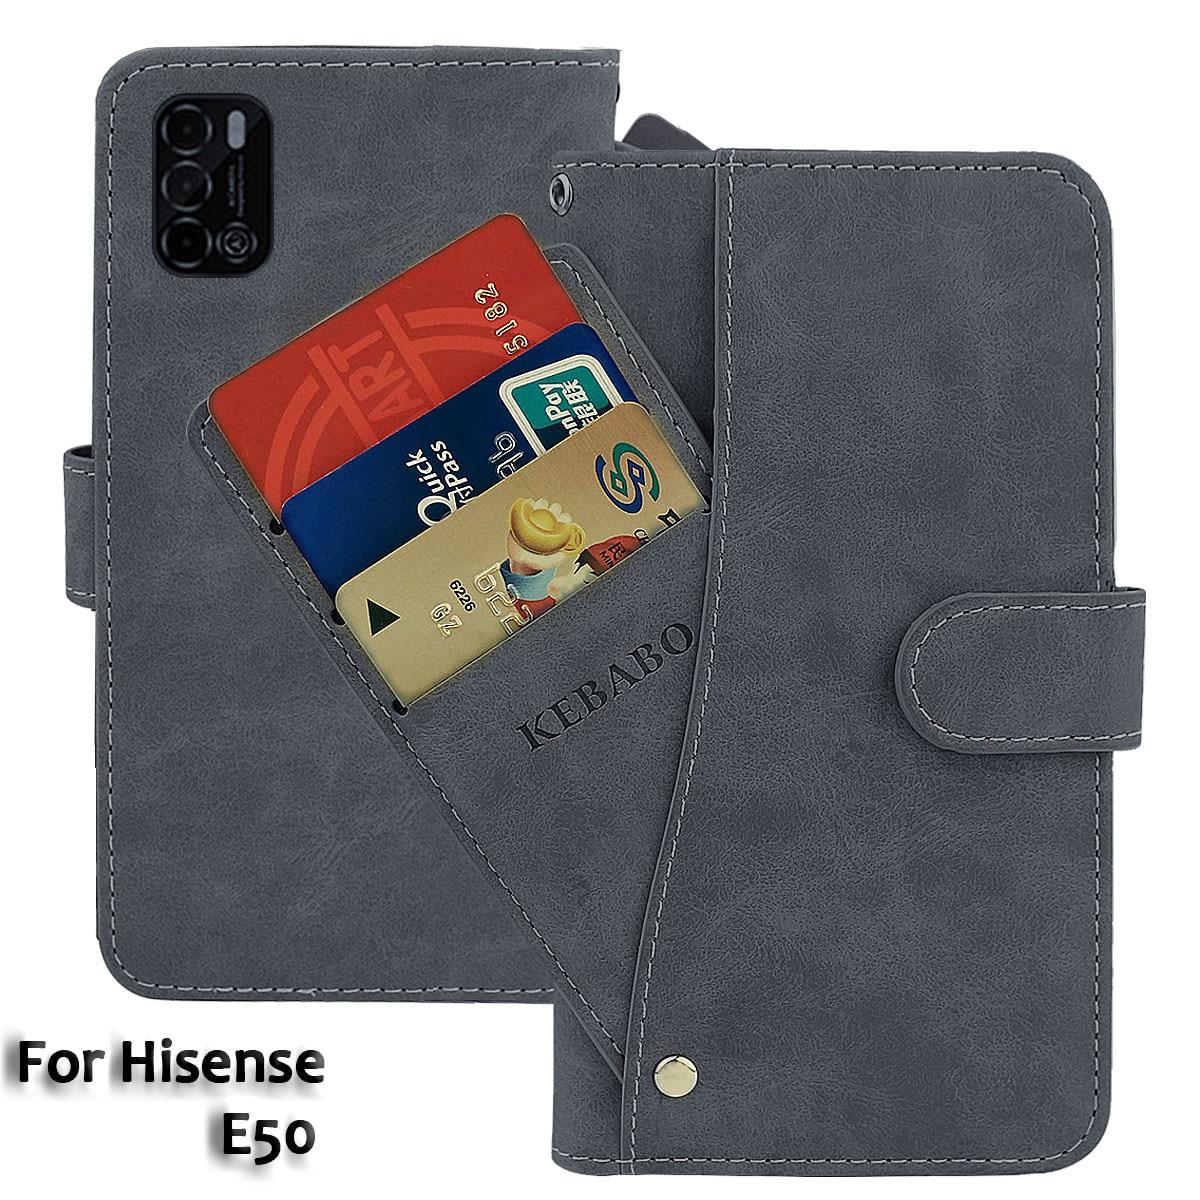 Vintage Leather Wallet Hisense E50 Case 6.55